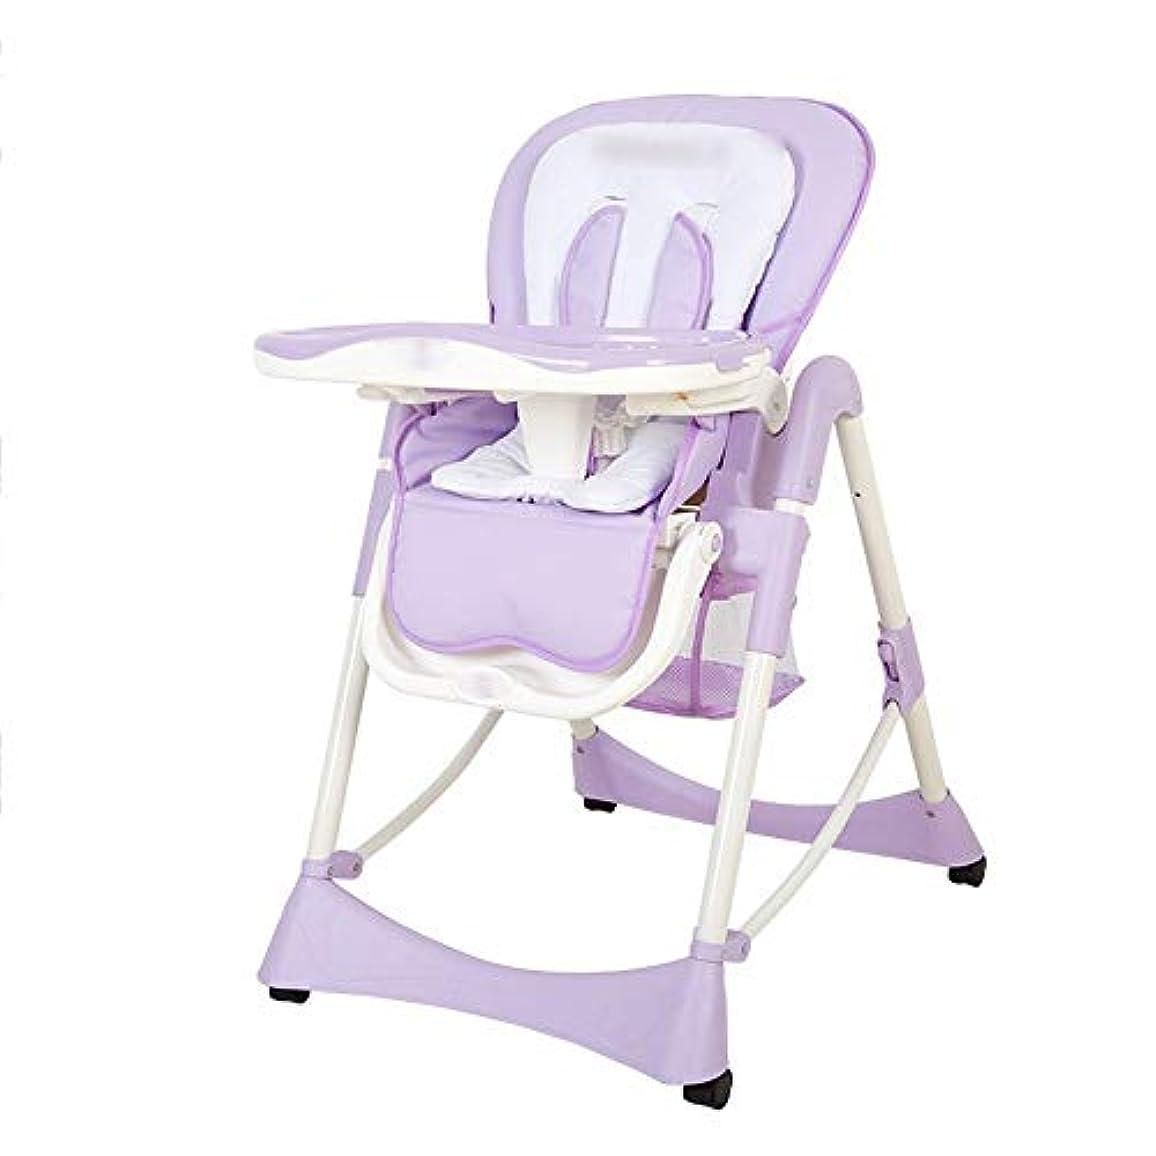 制限されたヘビー撃退するダイニングチェア多機能折りたたみ椅子テーブルライトダイニングテーブルシートポータブルベビースツール3色オプション(色:A),A